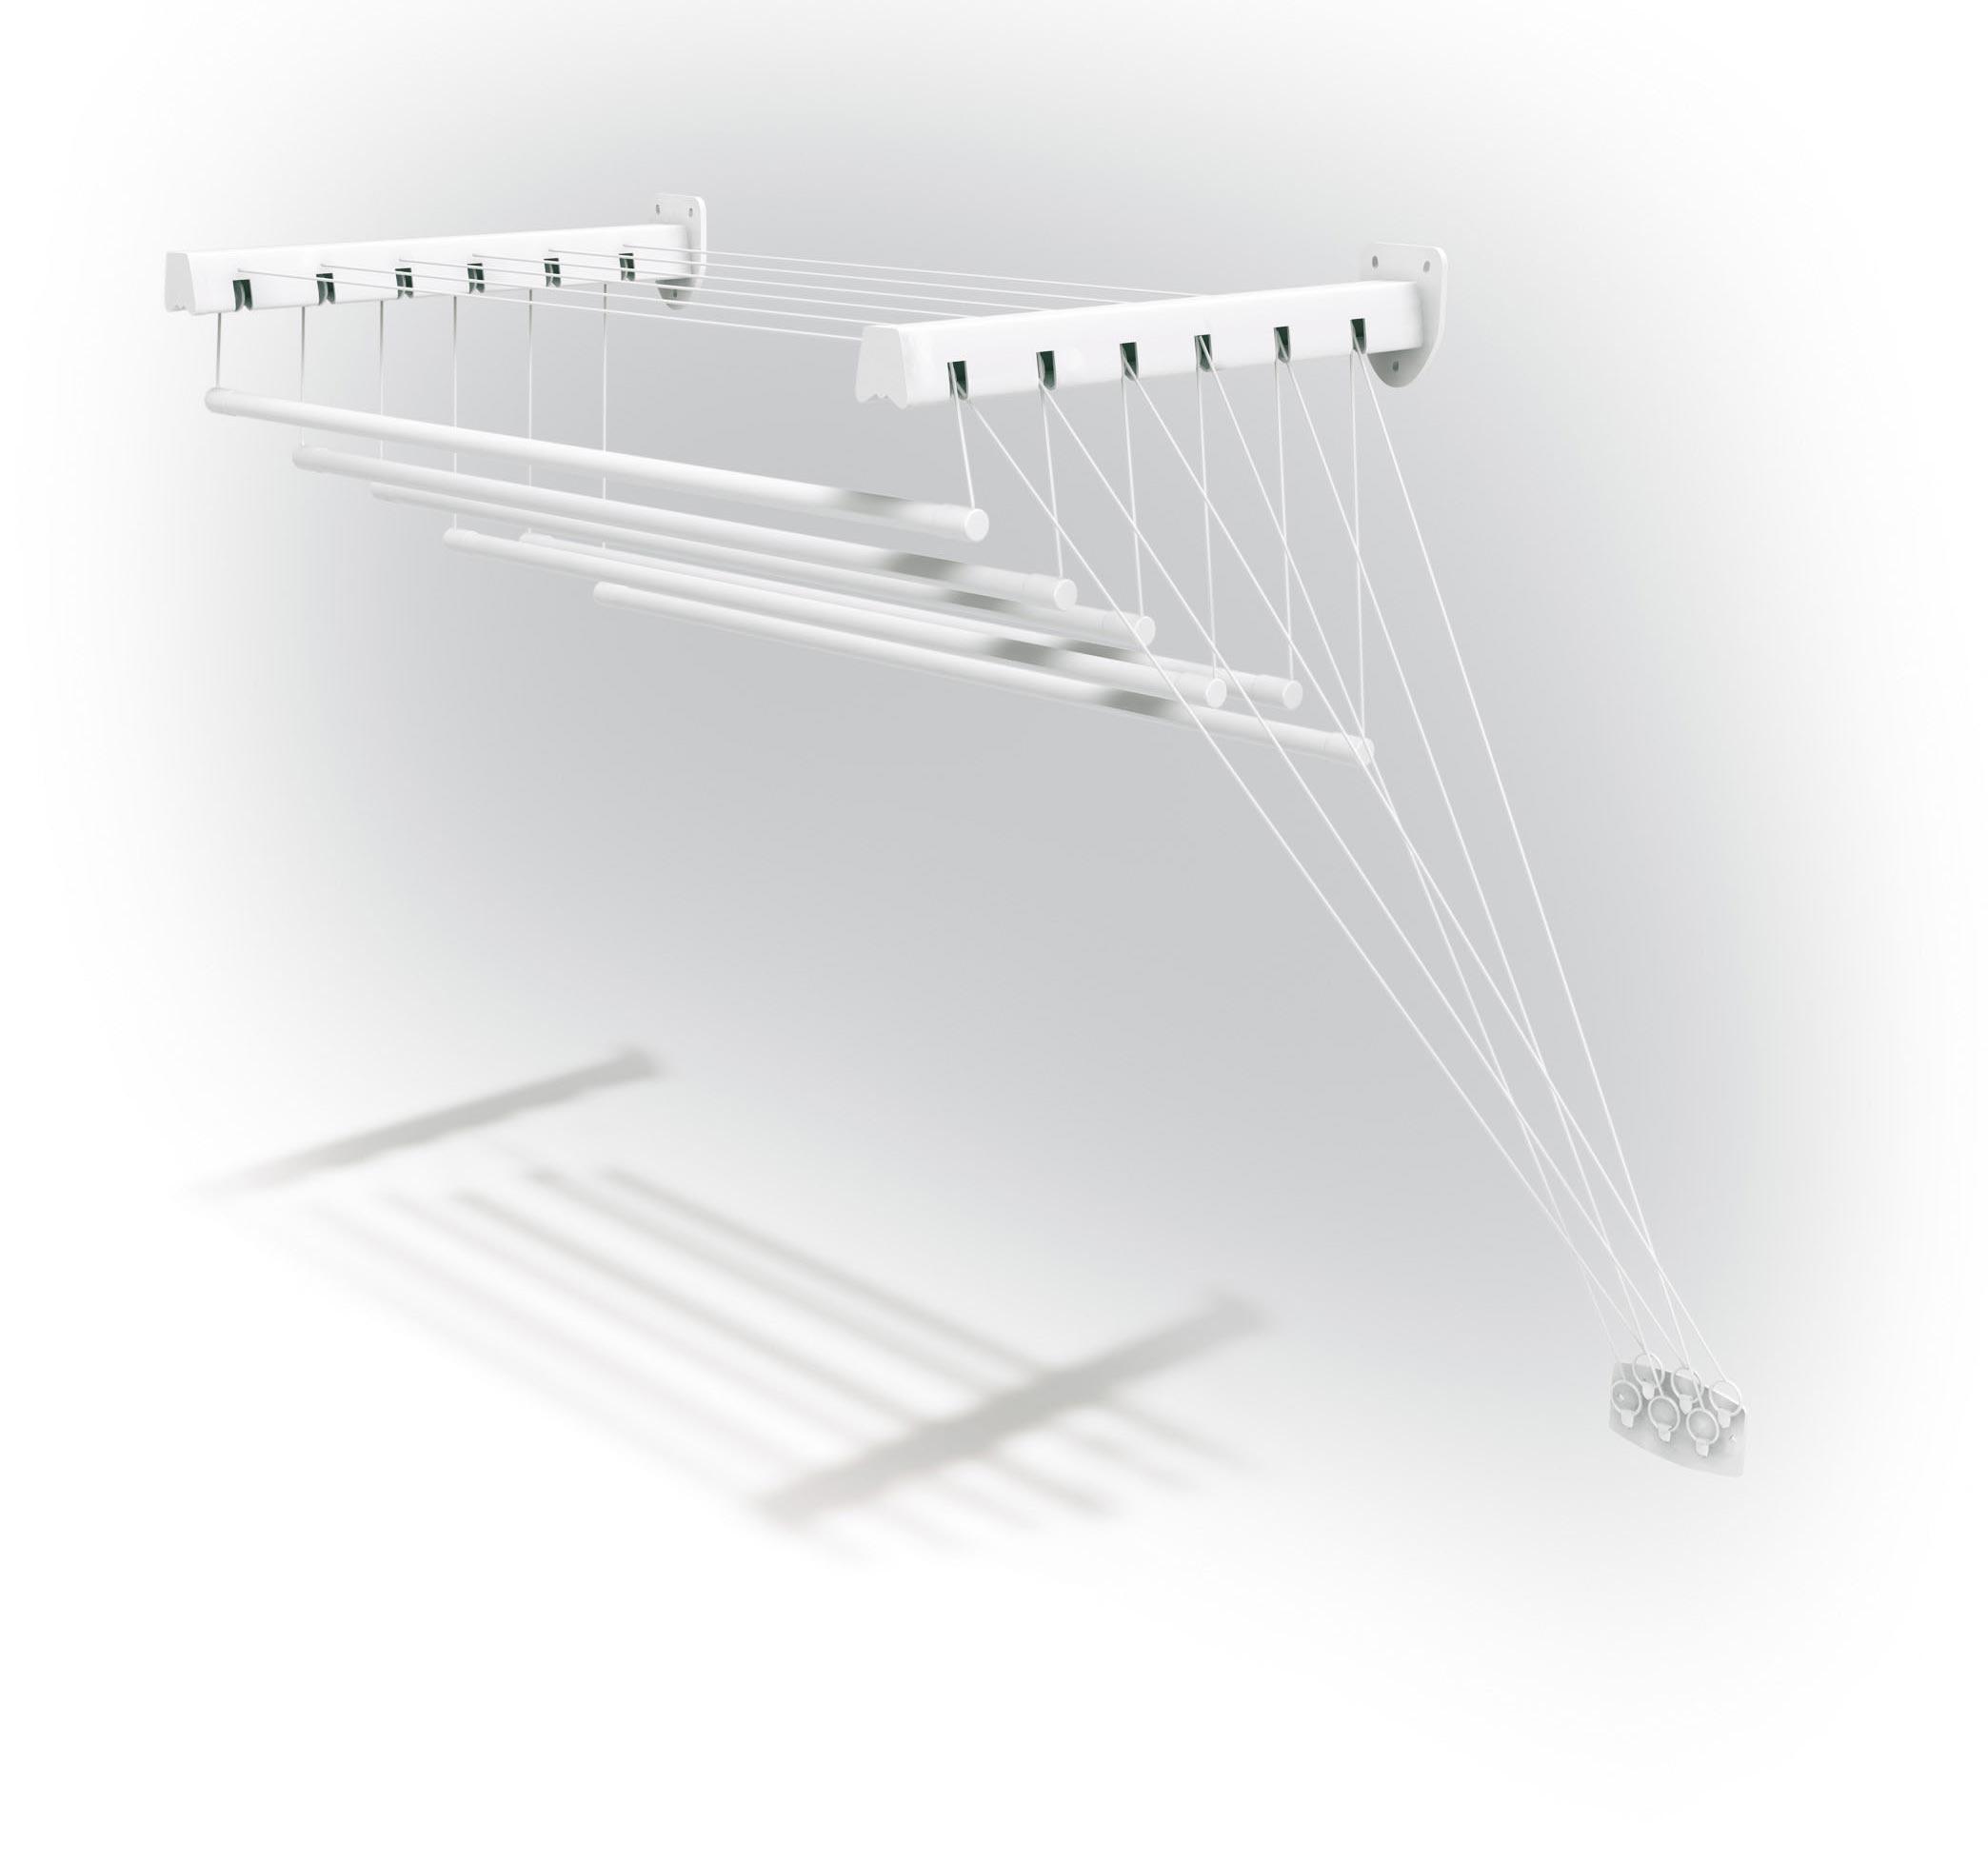 Сушилка (сушка) для белья настенная gimi lift 100 it - отзыв.